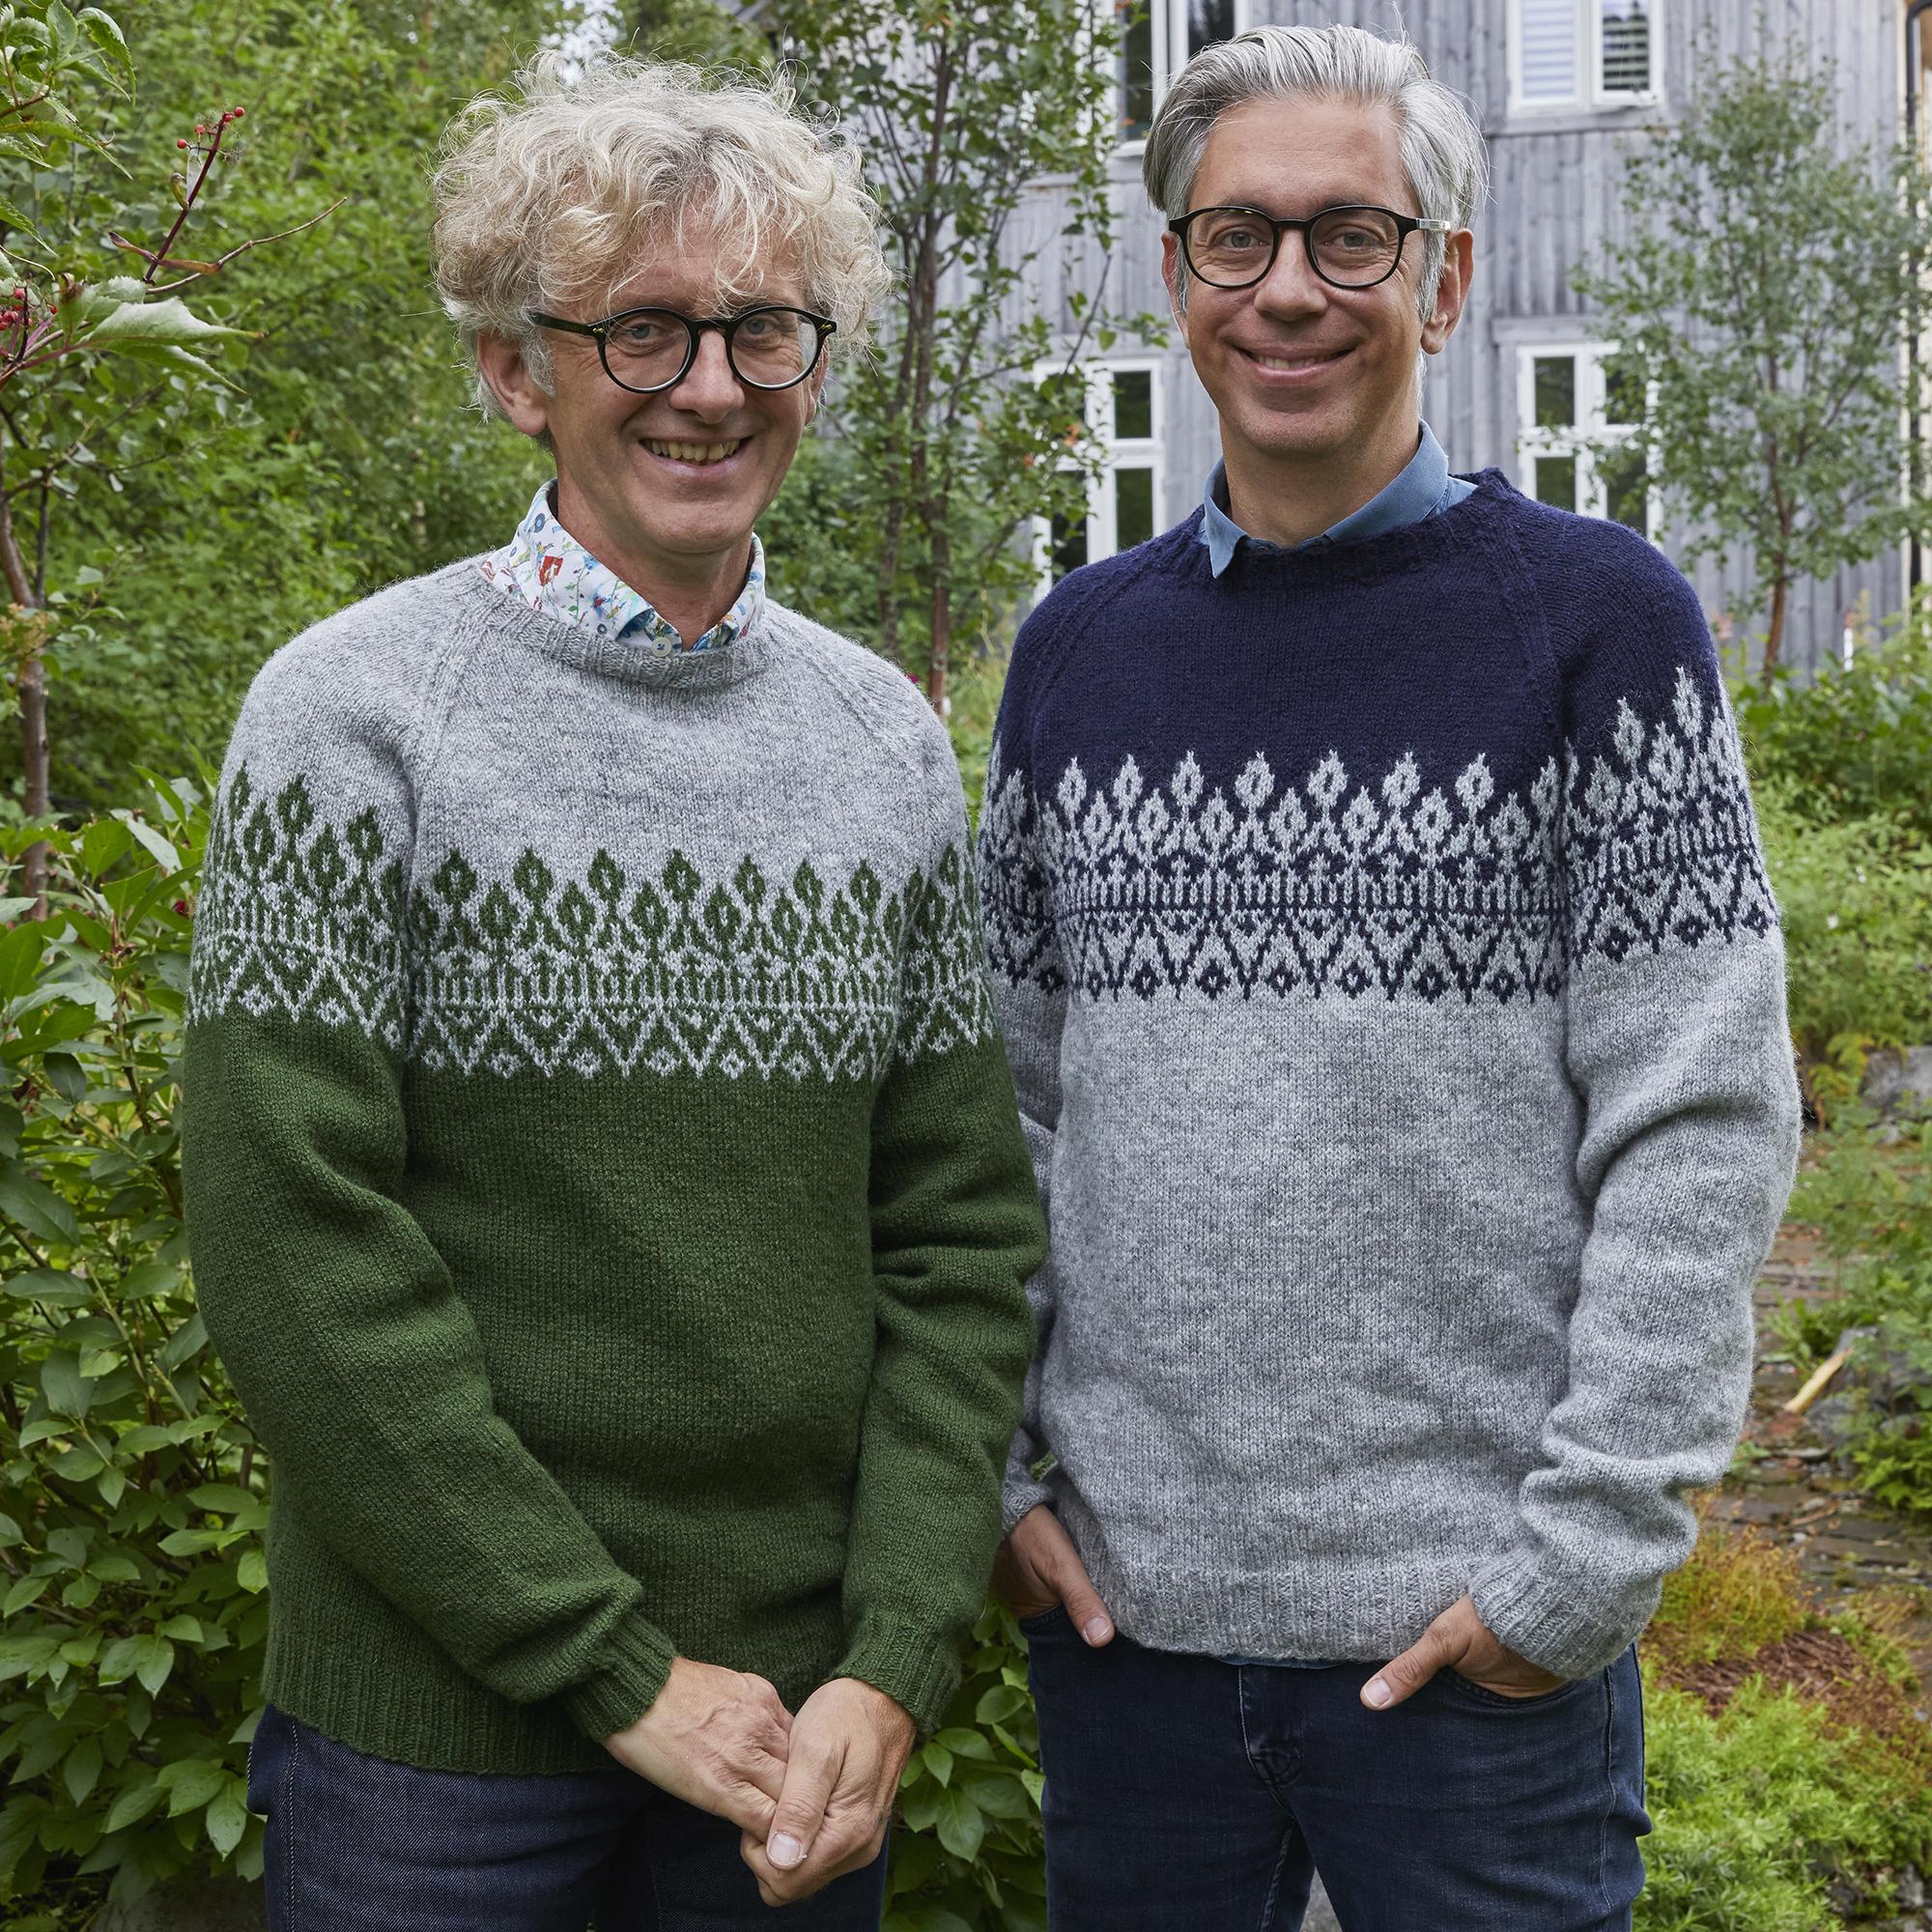 Redd Barna strikk - Arne & Carlos